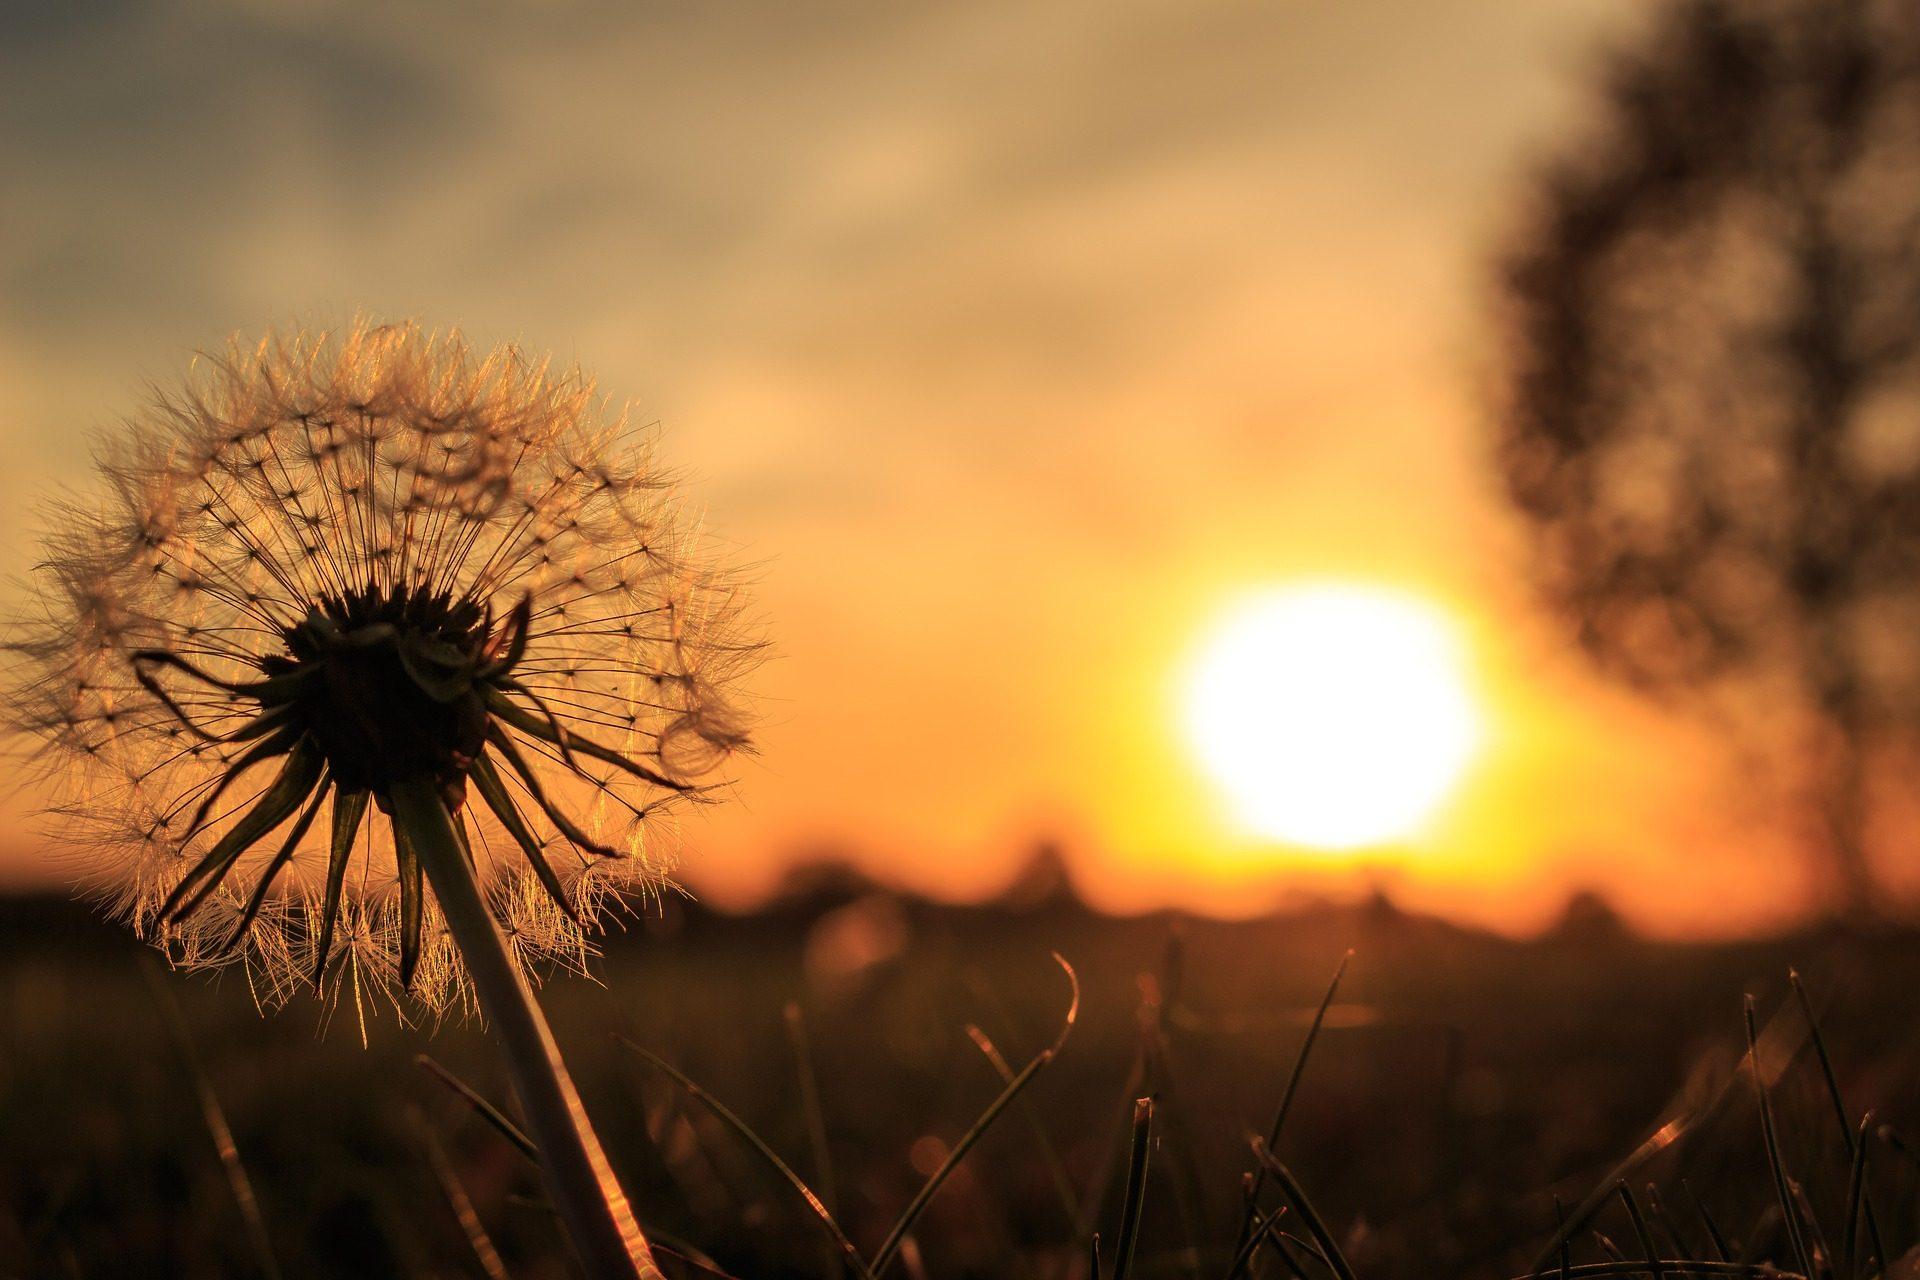 タンポポ, 植物, 木, シルエット, サンセット, 太陽, オレンジ - HD の壁紙 - 教授-falken.com